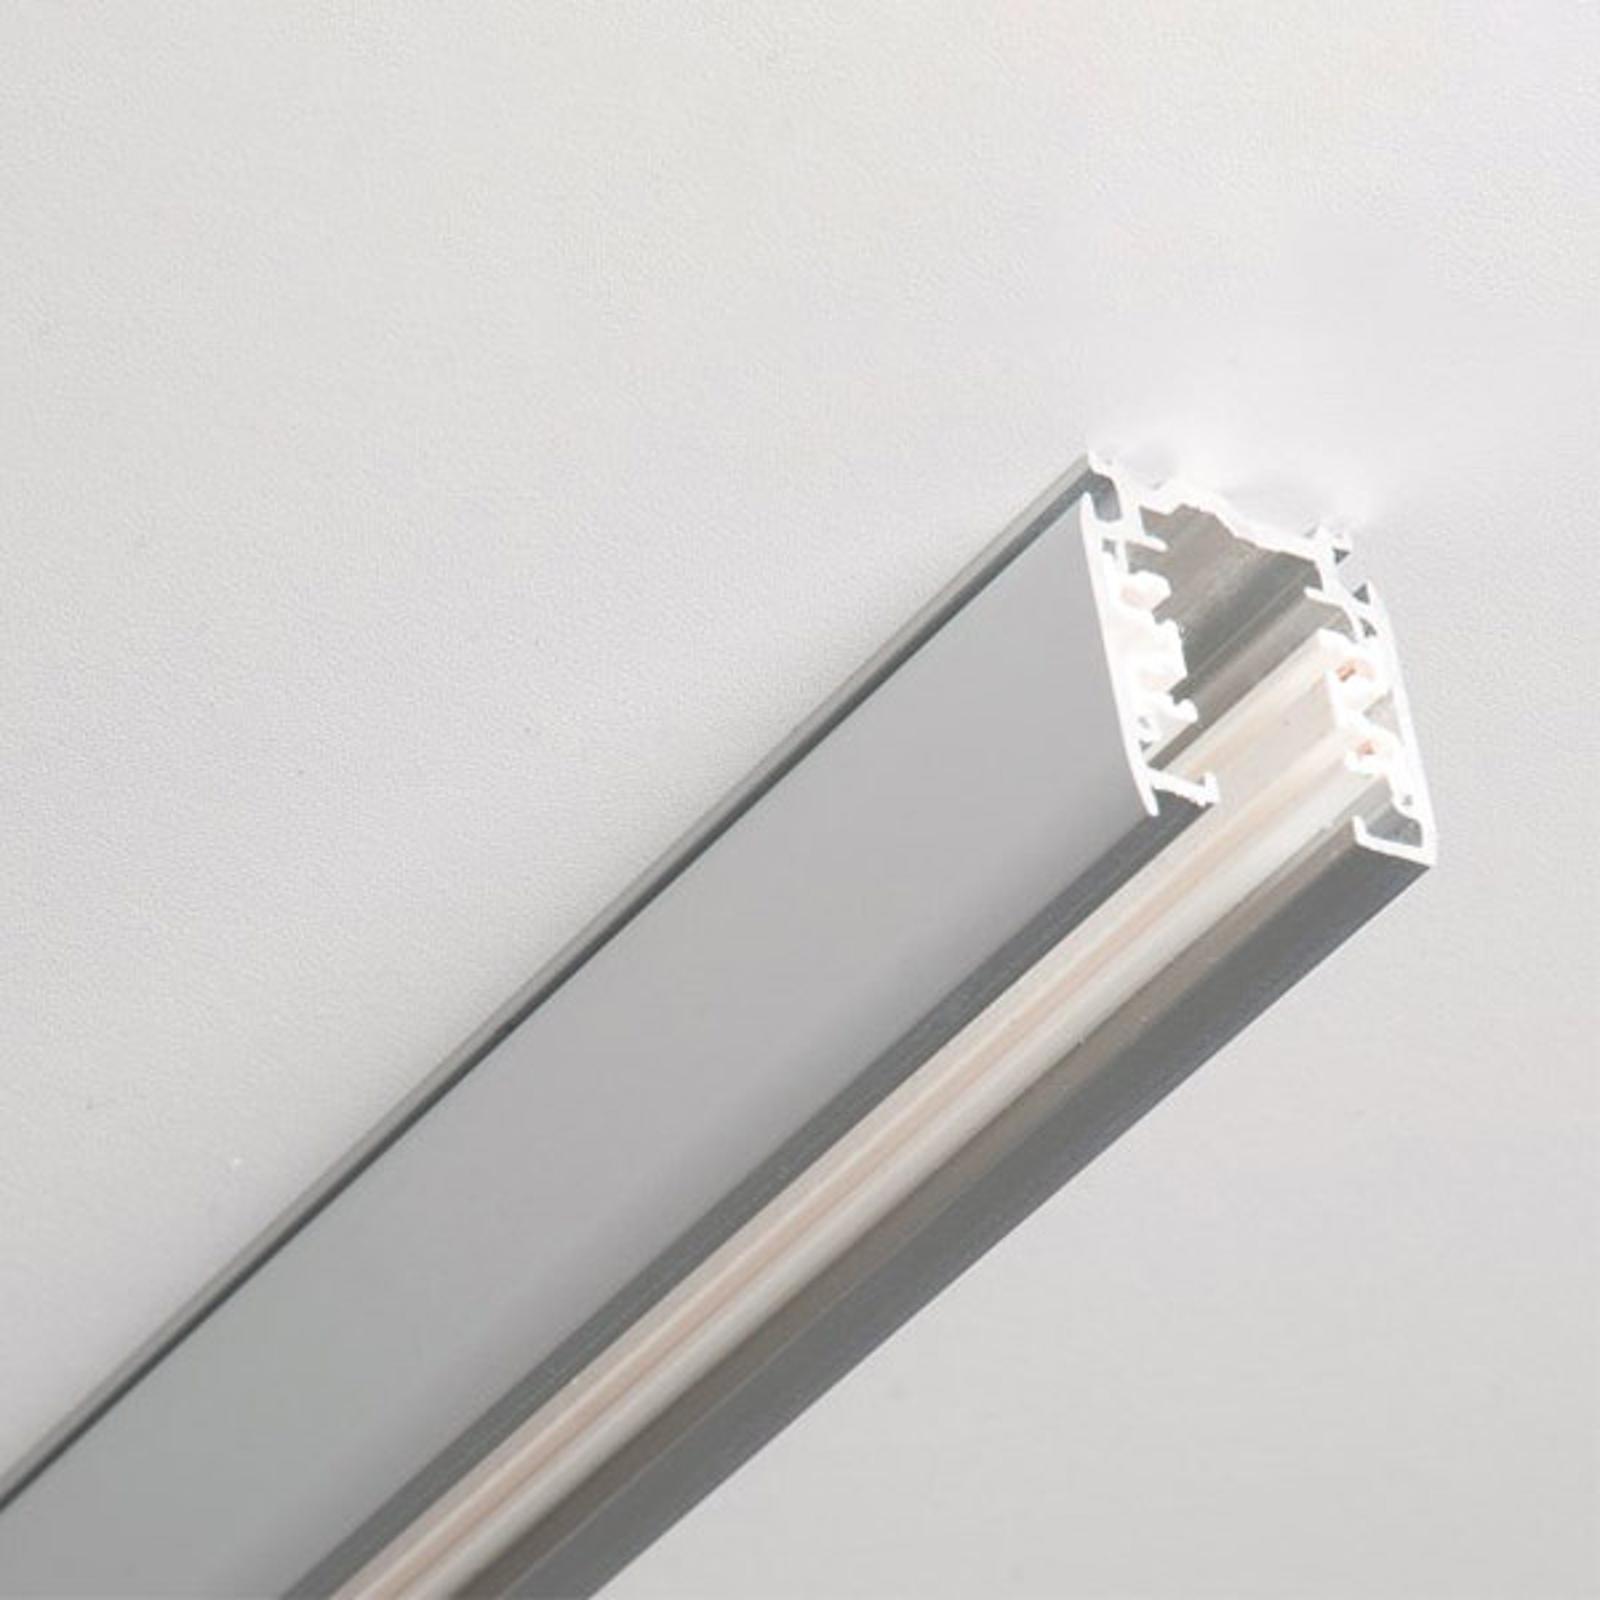 Noa aluminium 3-fase strømskinne 200cm, grå